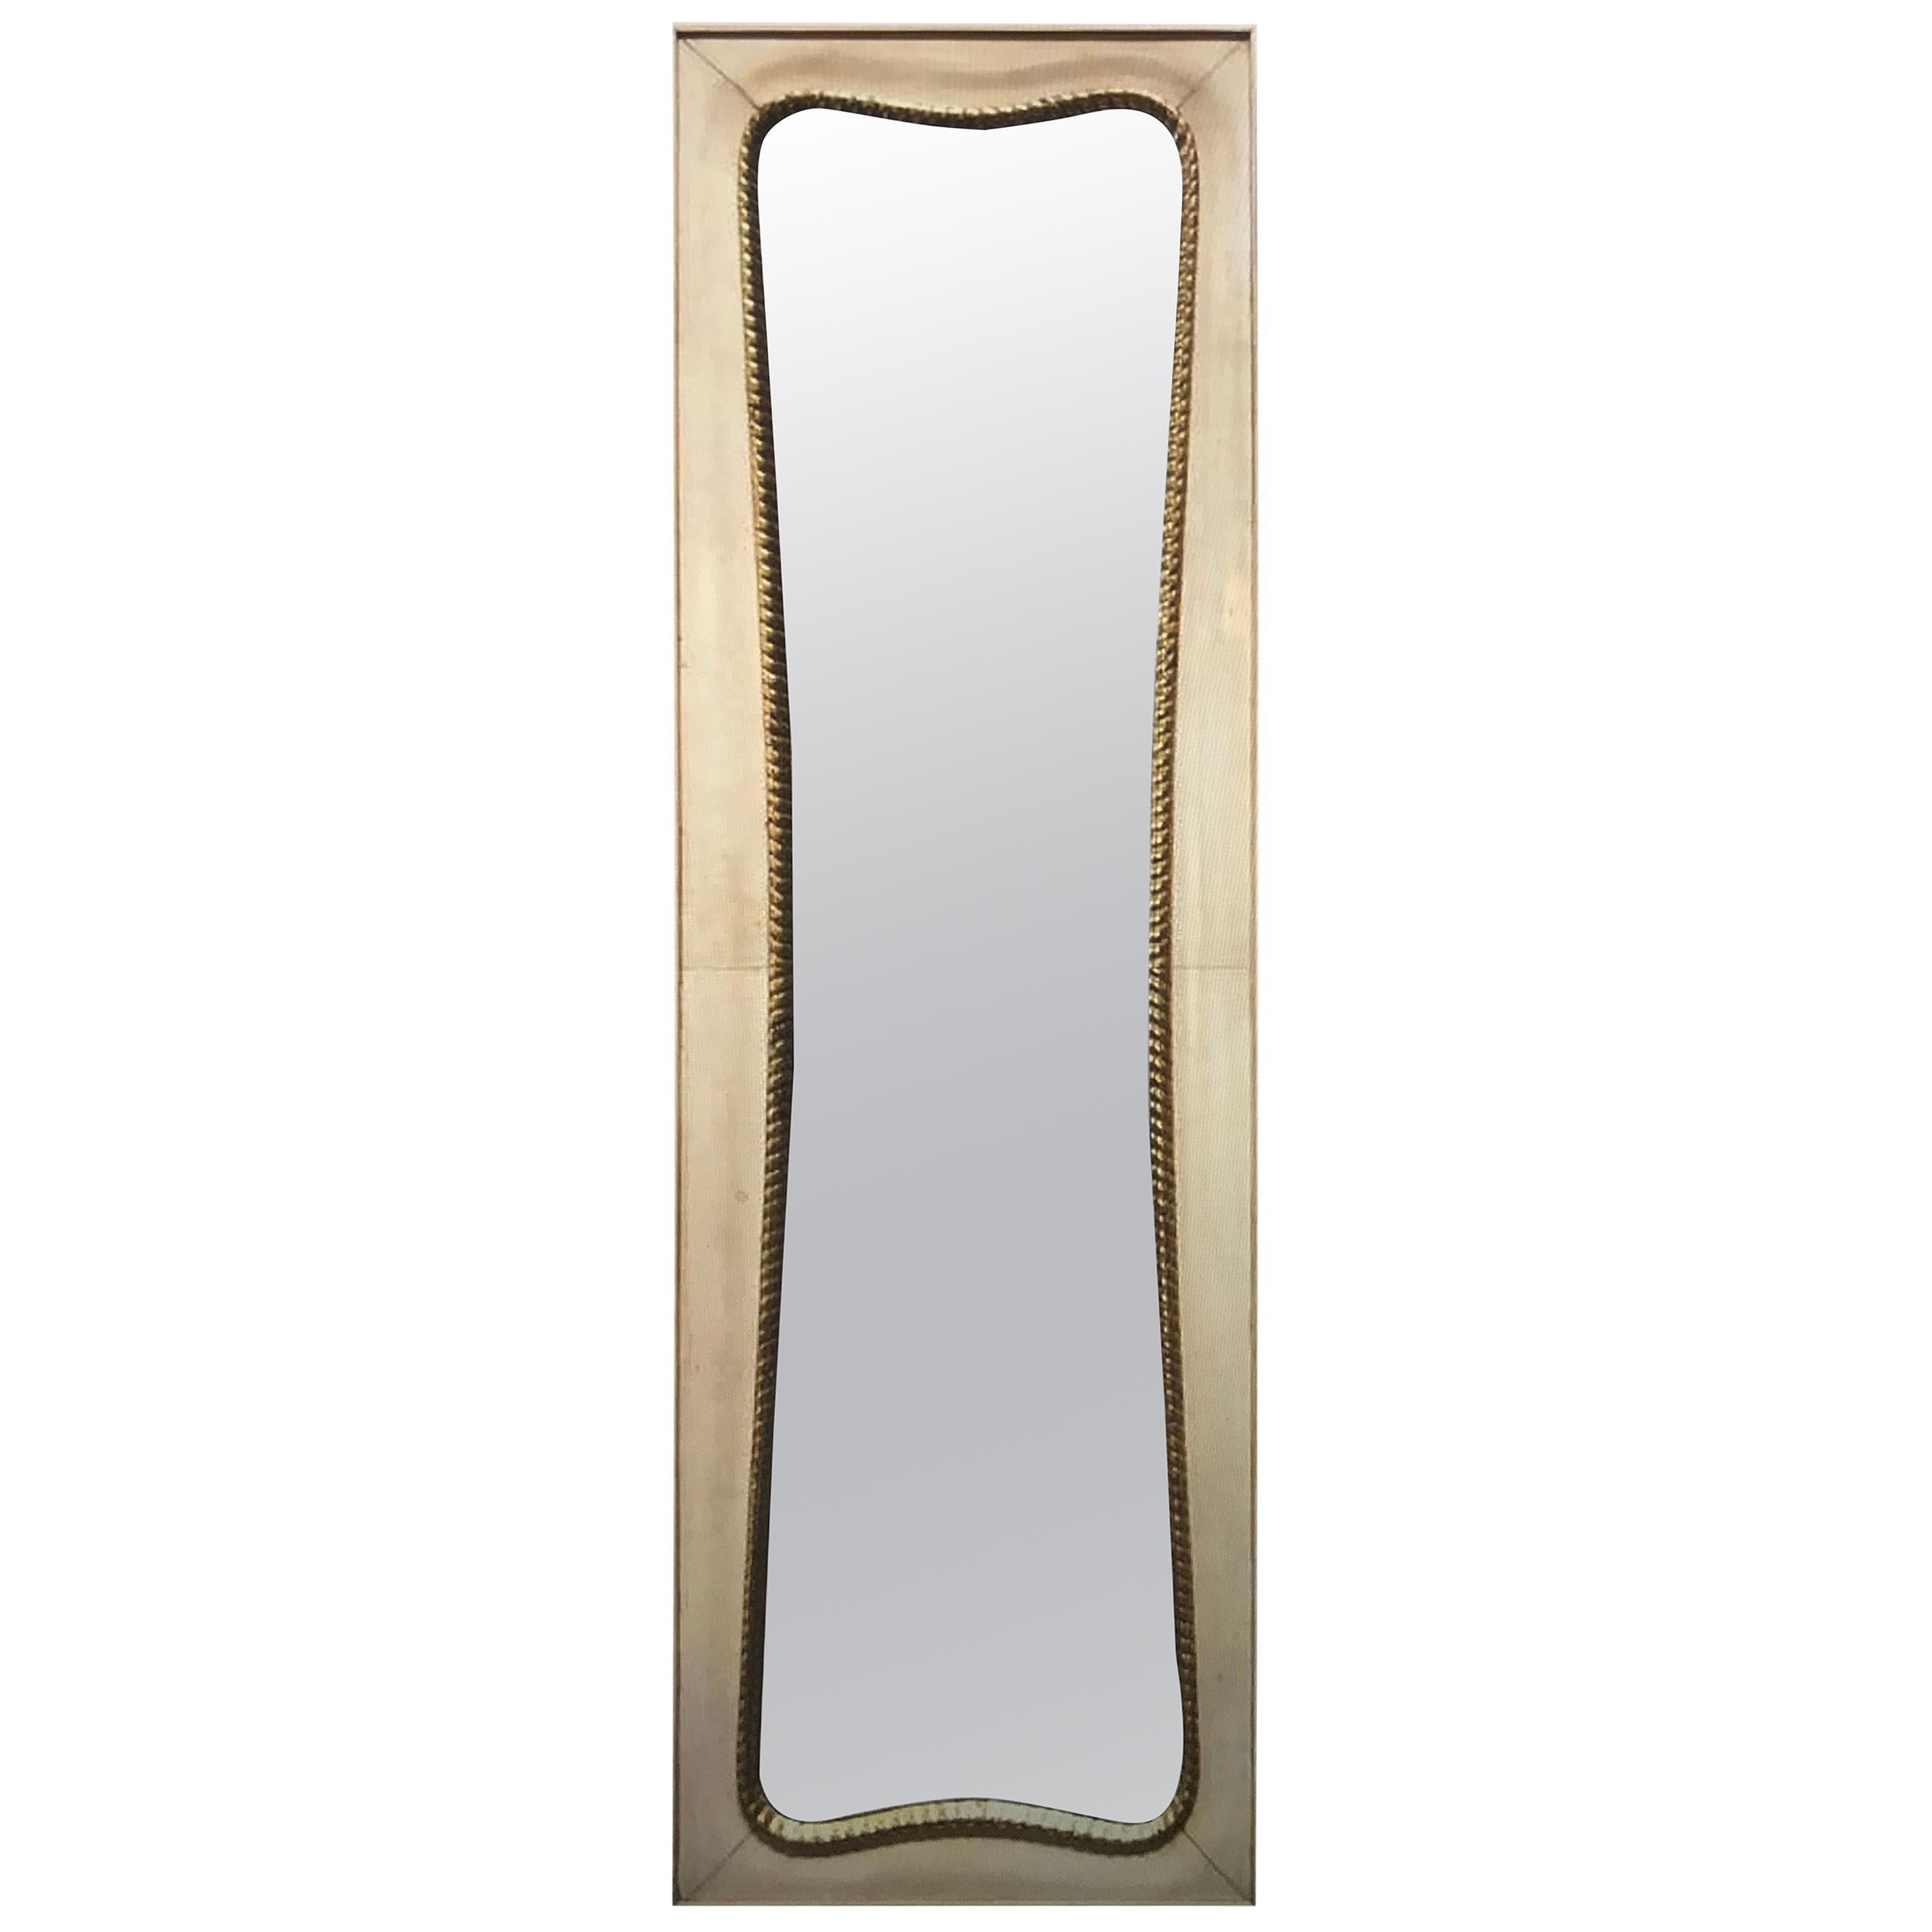 Midcentury Large Italian Wall Mirror, 1950s